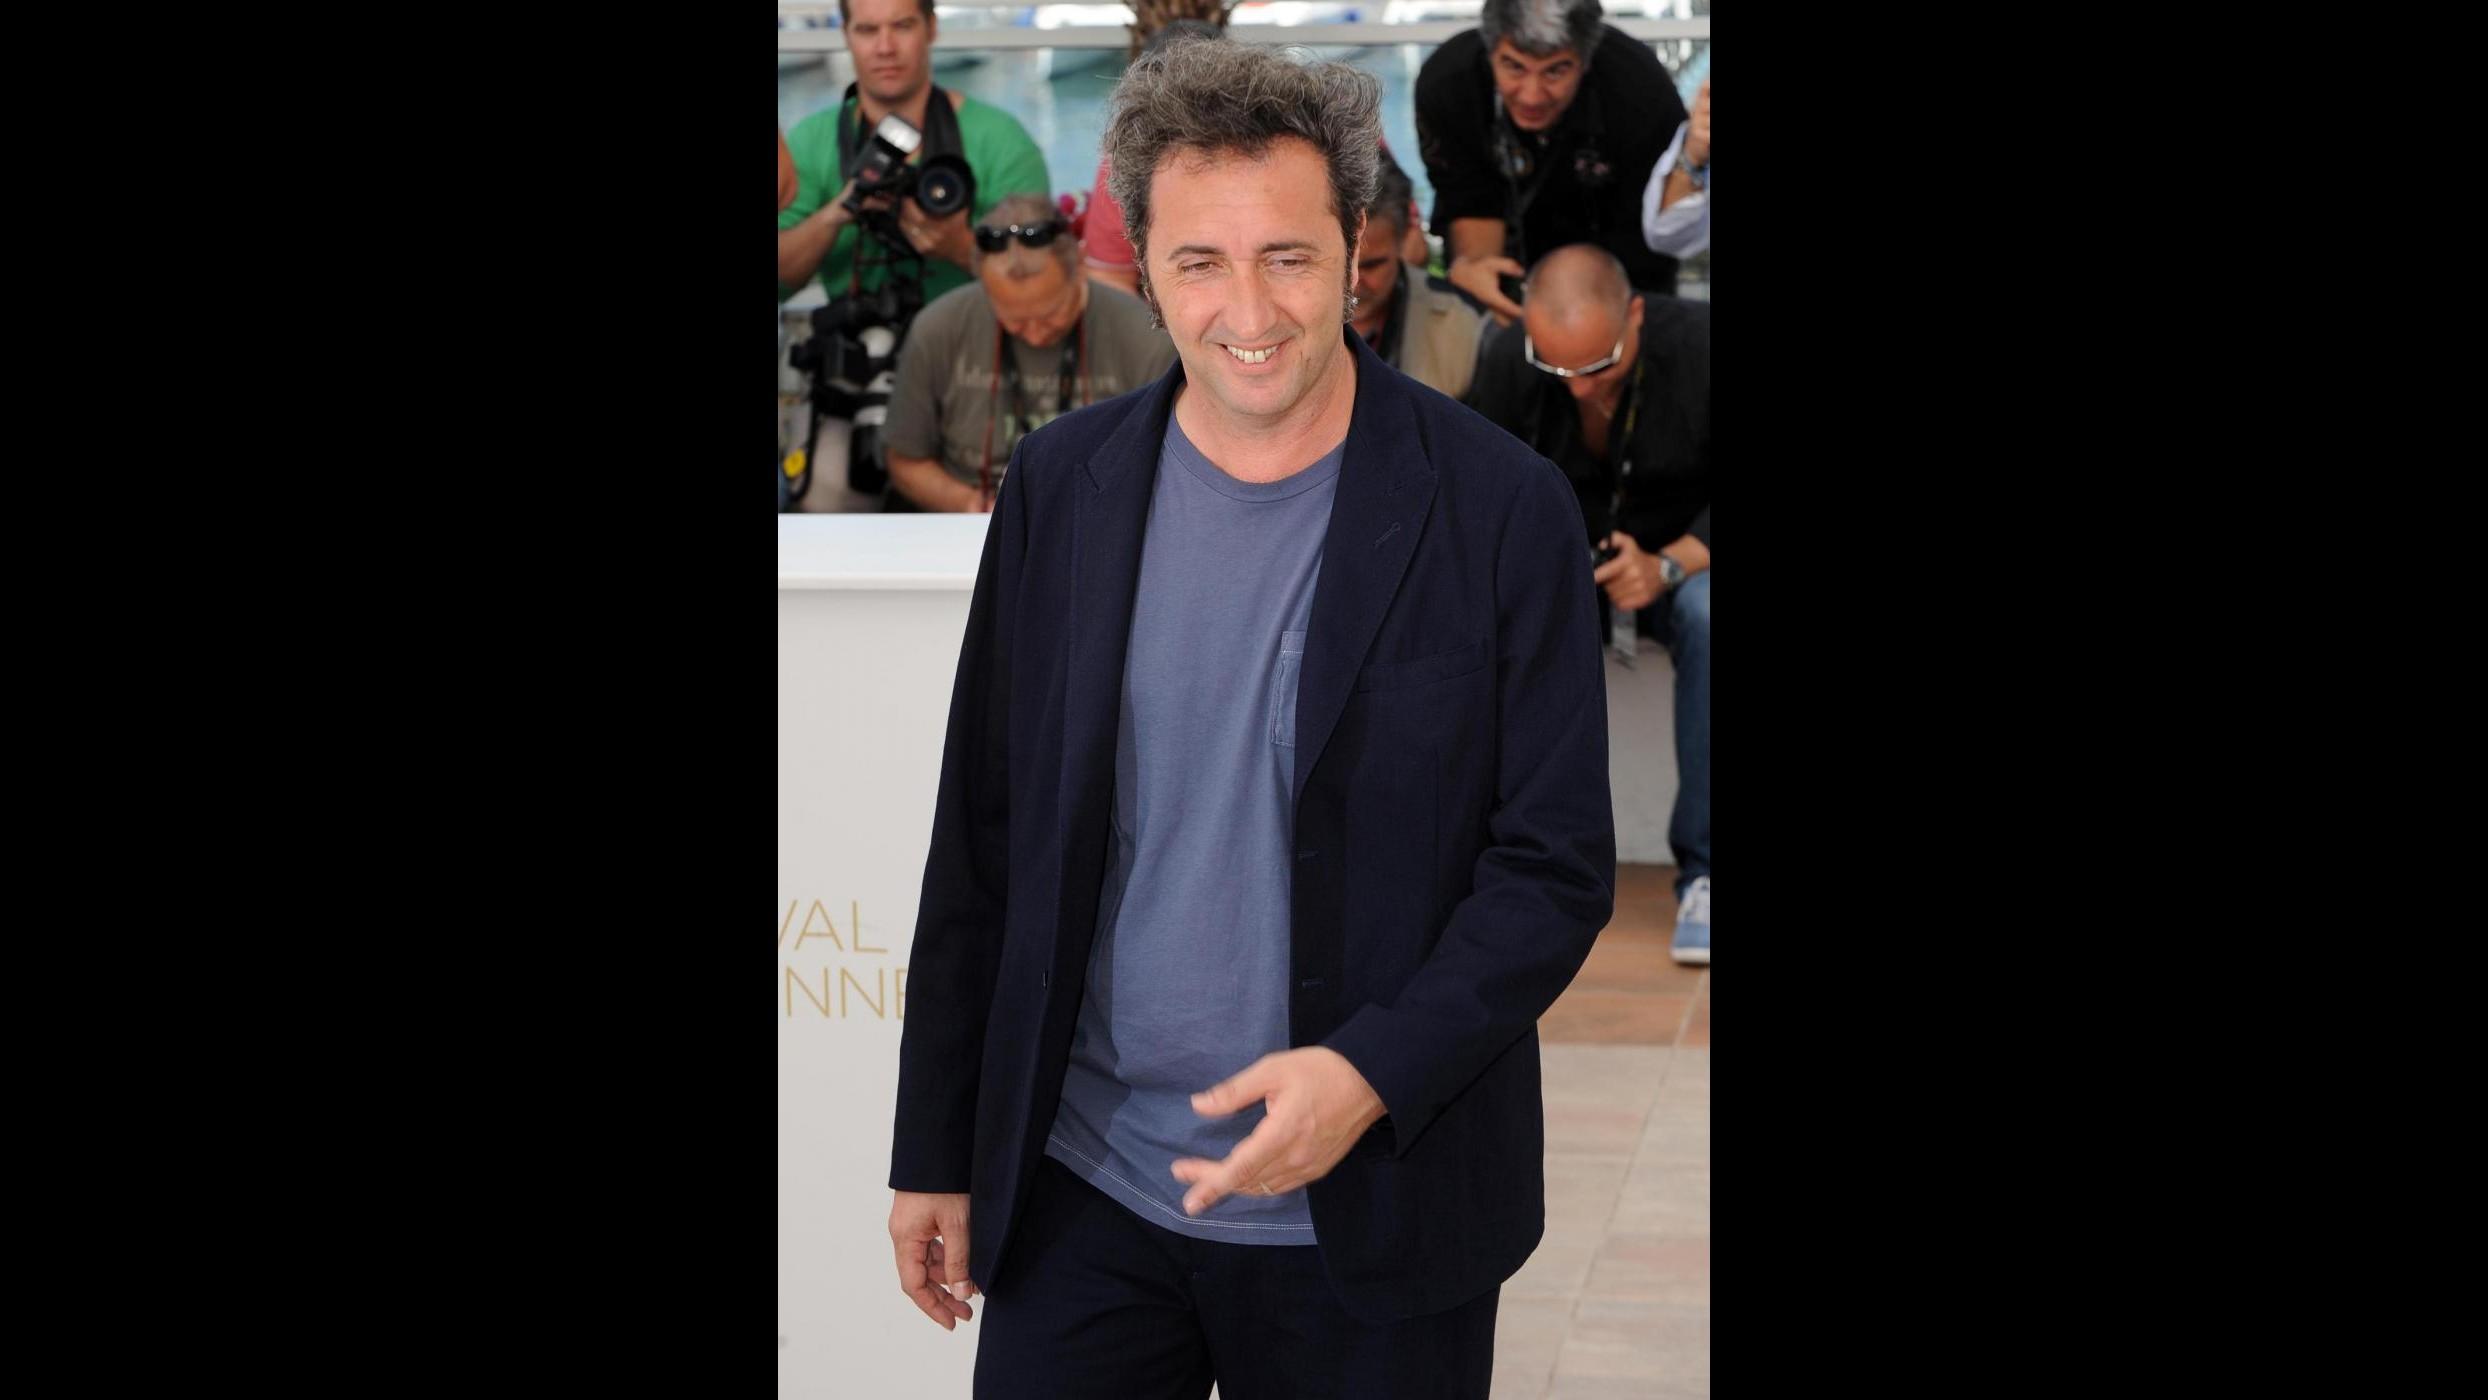 Nuovo film Sorrentino 'La grande bellezza' con Verdone e Ferilli